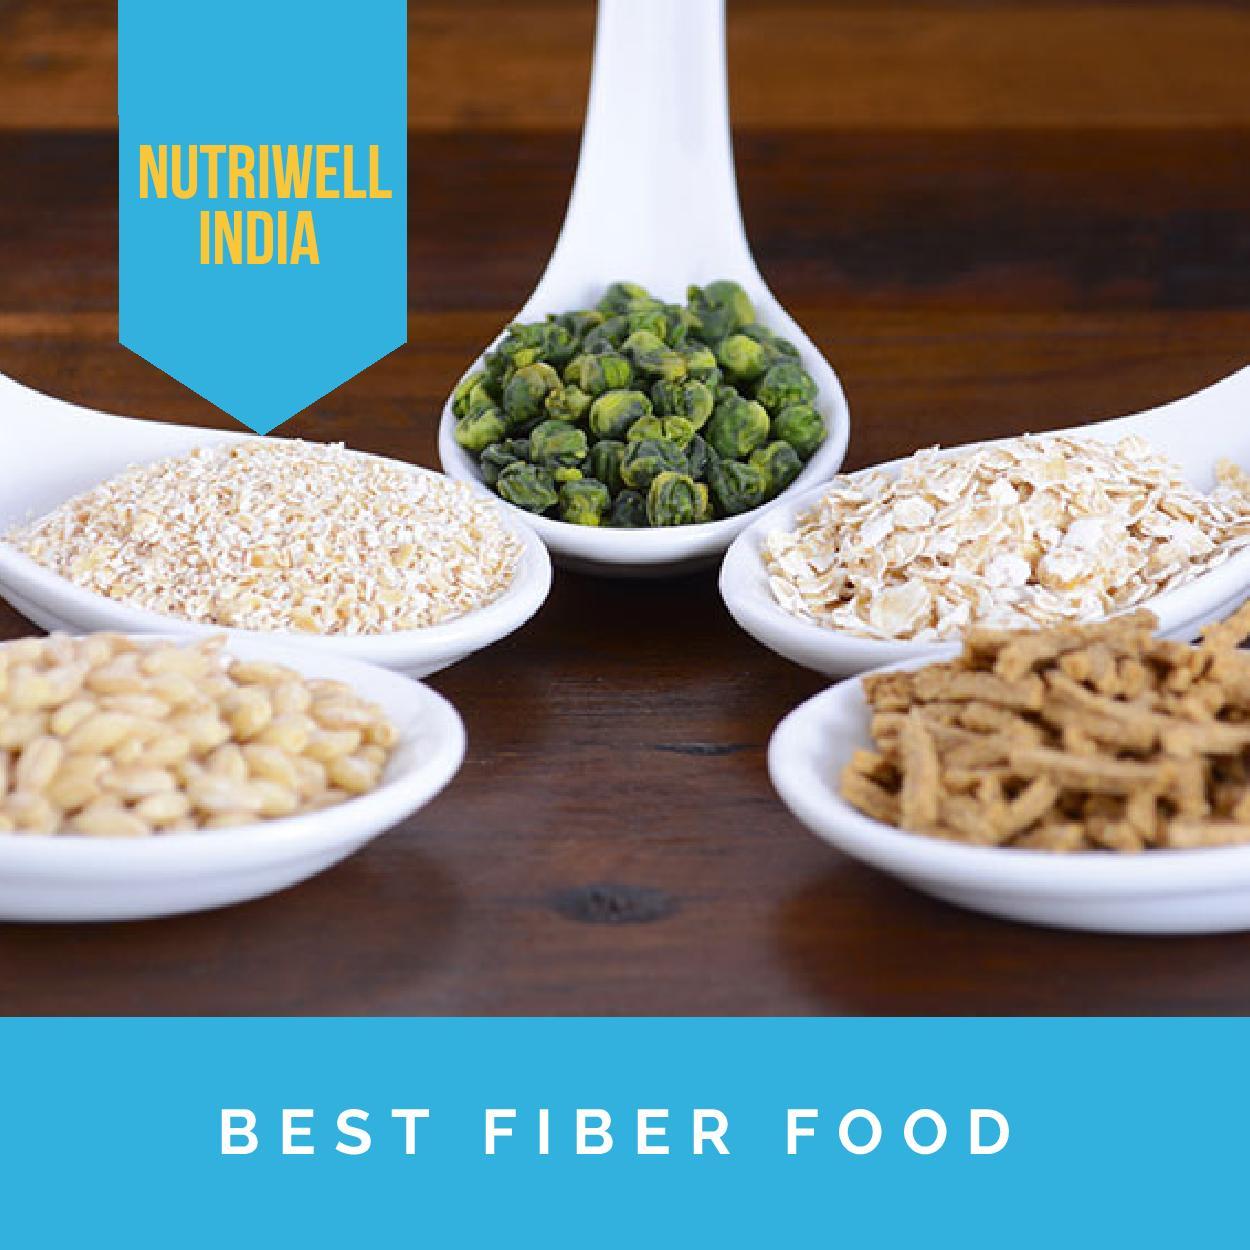 nutriwell guide best fiber food